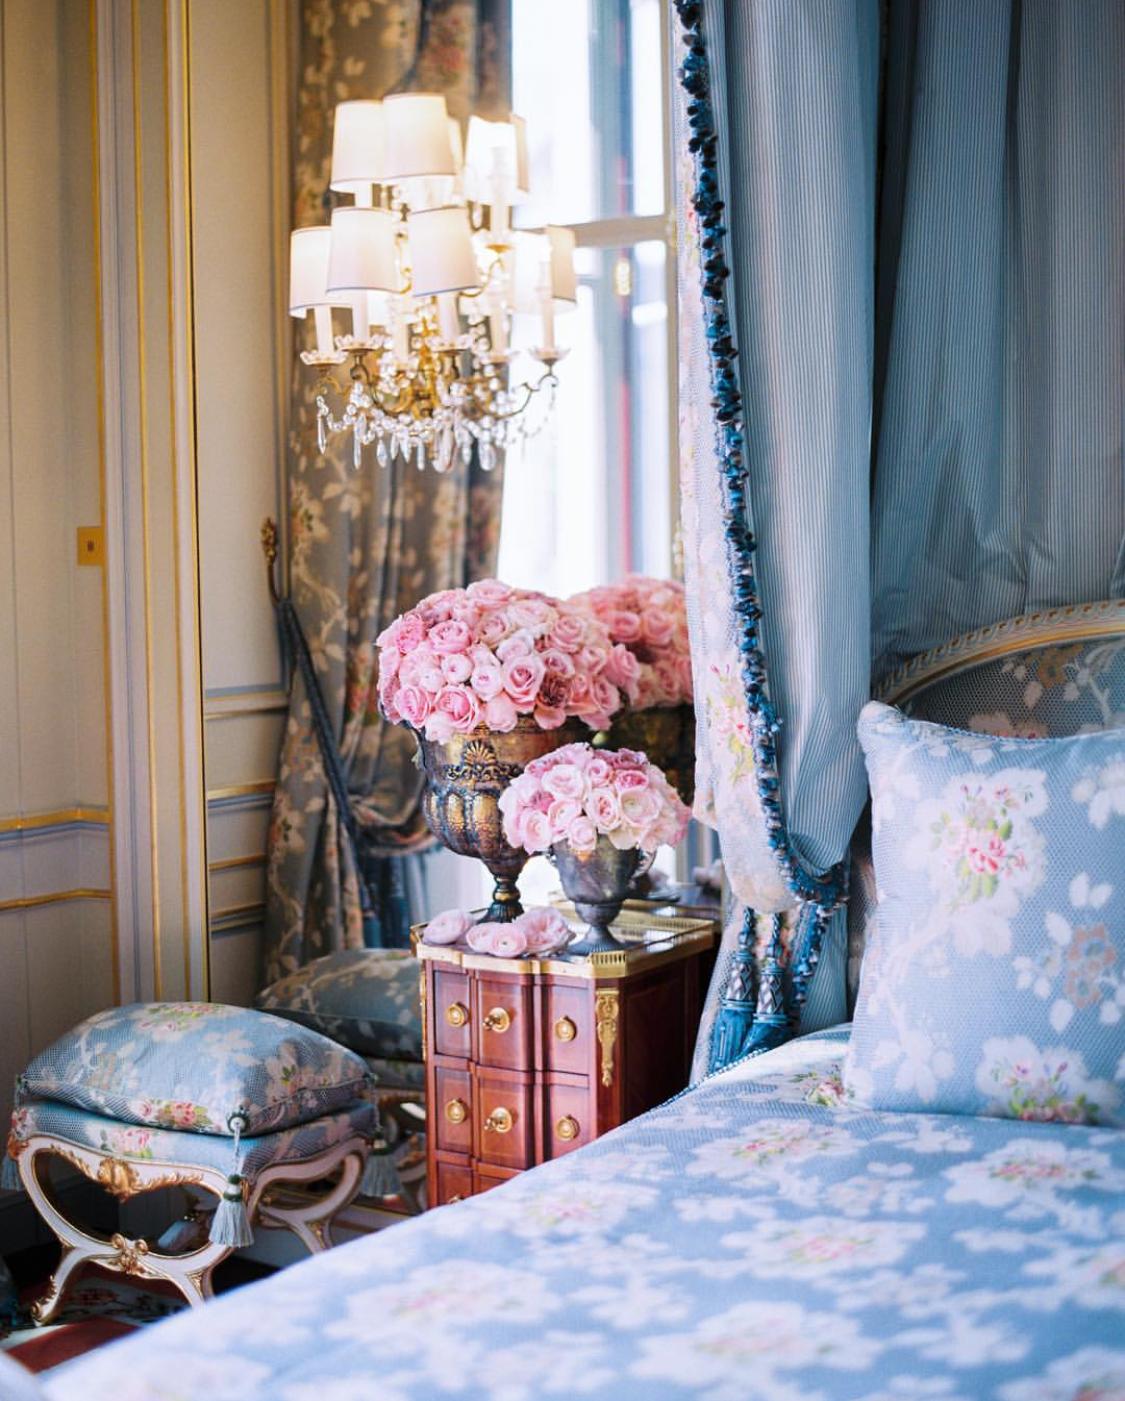 The Romantic Photographs of Le Secret D'Audrey